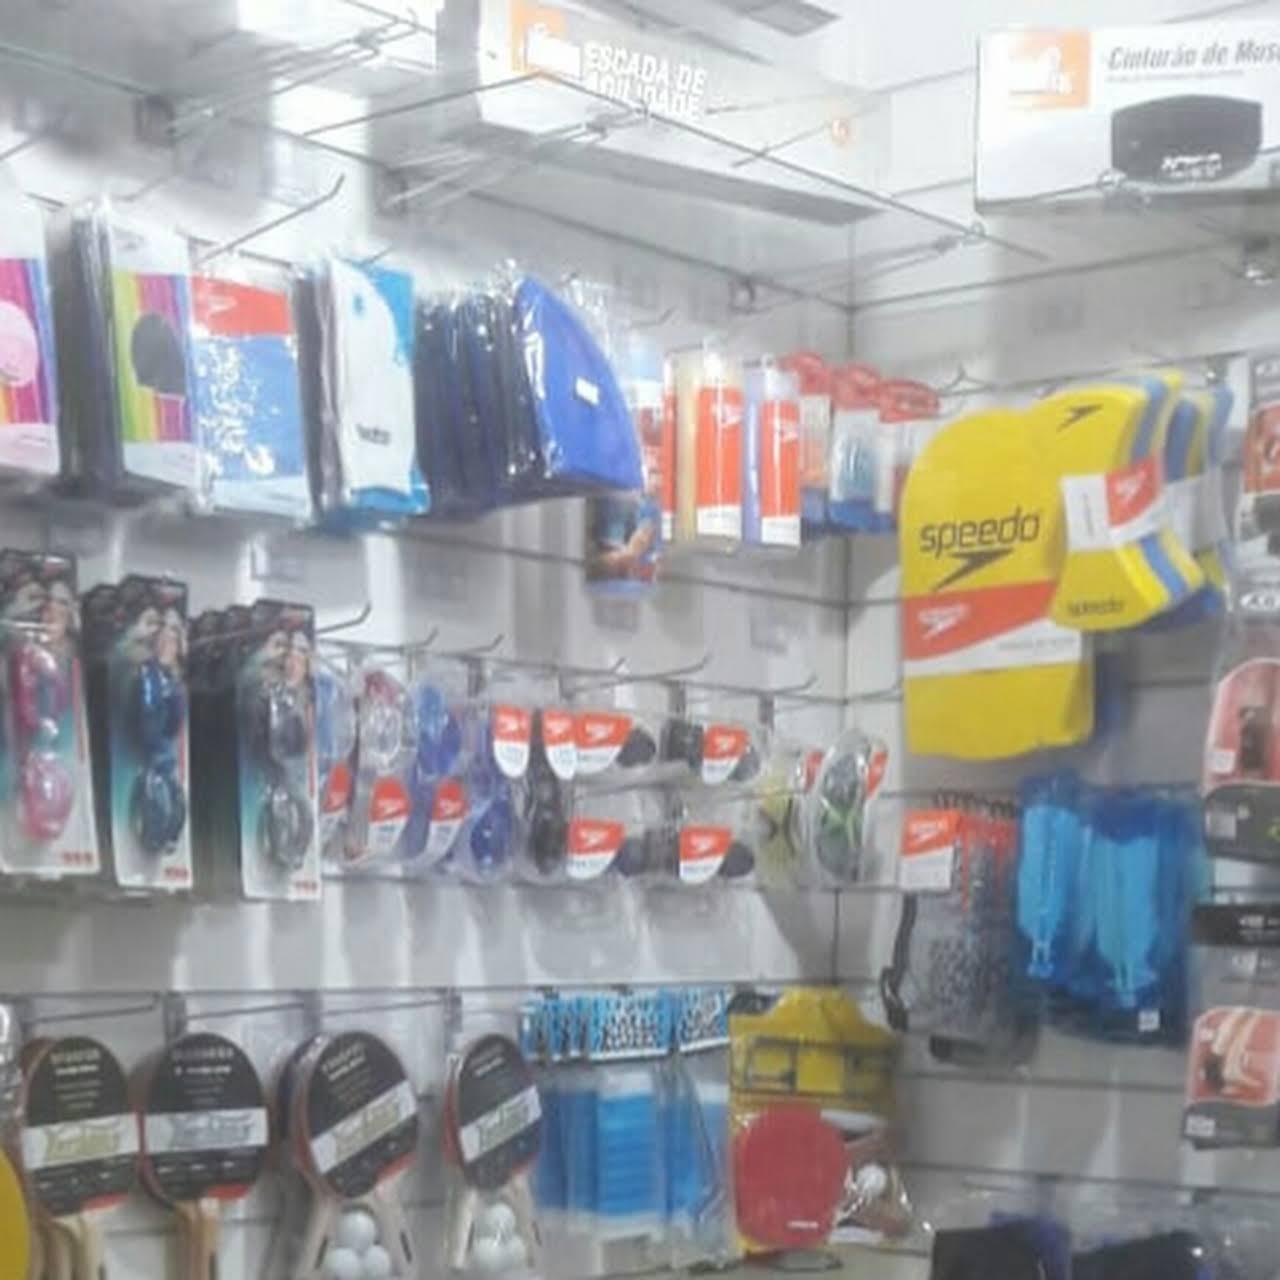 Sua nova loja de esportes no Centro do Rio. Postado em 24 06 2018 9e1a437f32915